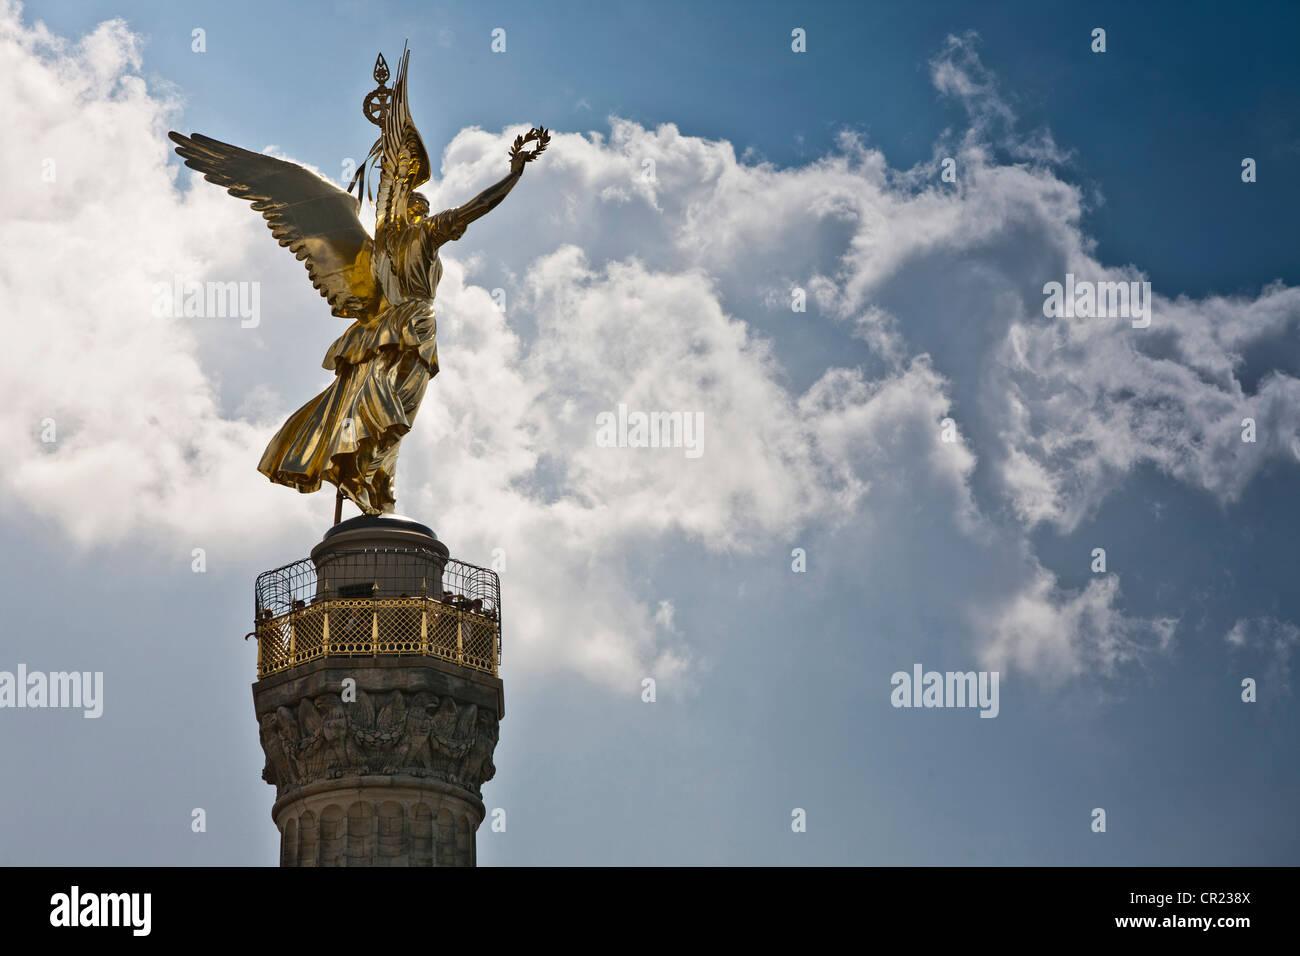 Reich verzierte Turm gegen blauen Himmel Stockbild